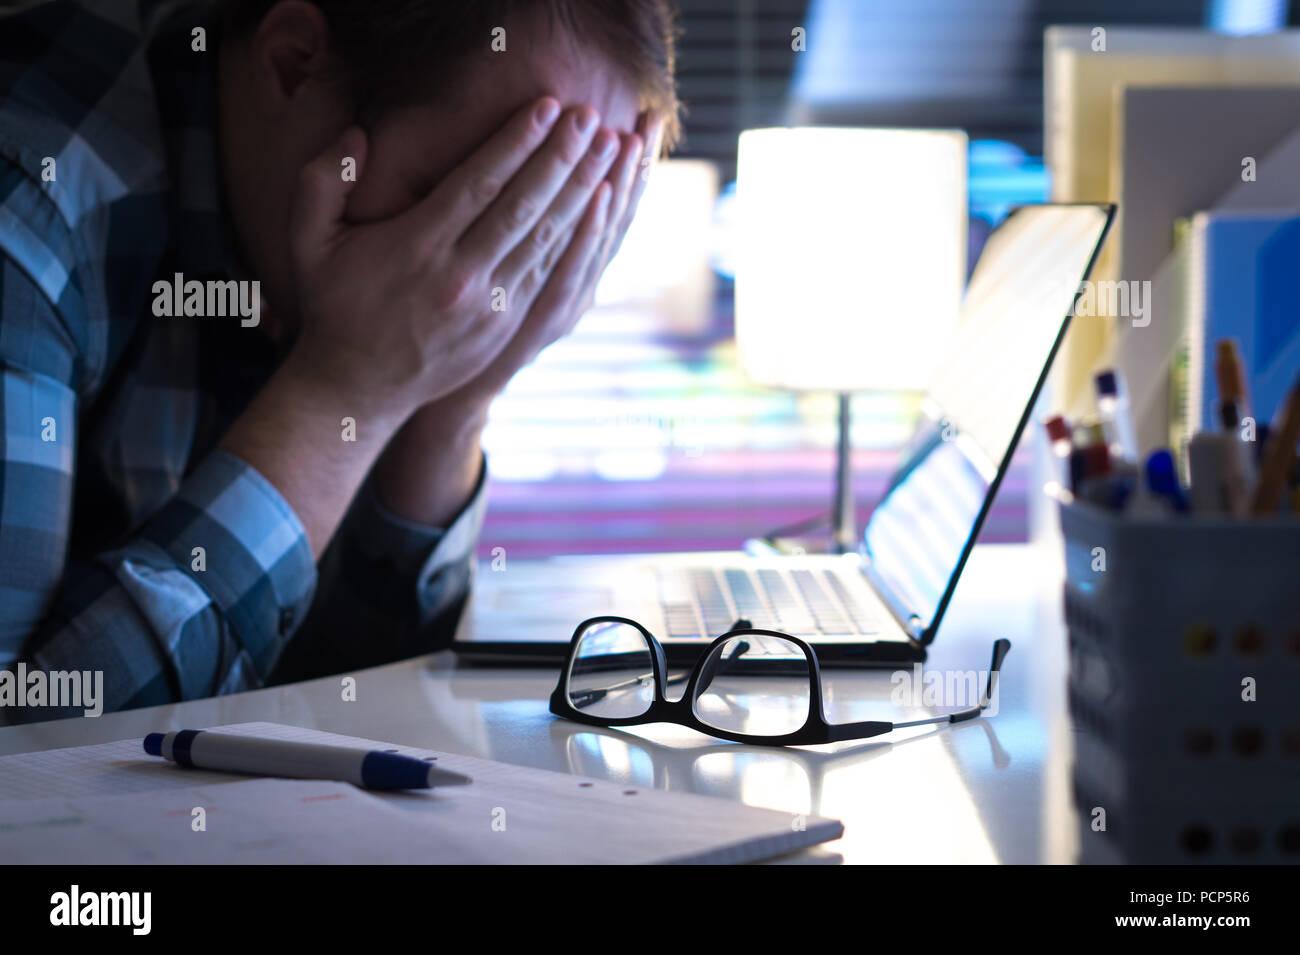 Problemi sul lavoro. Triste, infelice e stanco uomo che ricopre la faccia con le mani in ufficio o a casa durante la notte. Burnout, lo stress e il mobbing sul posto di lavoro o di depressione. Immagini Stock